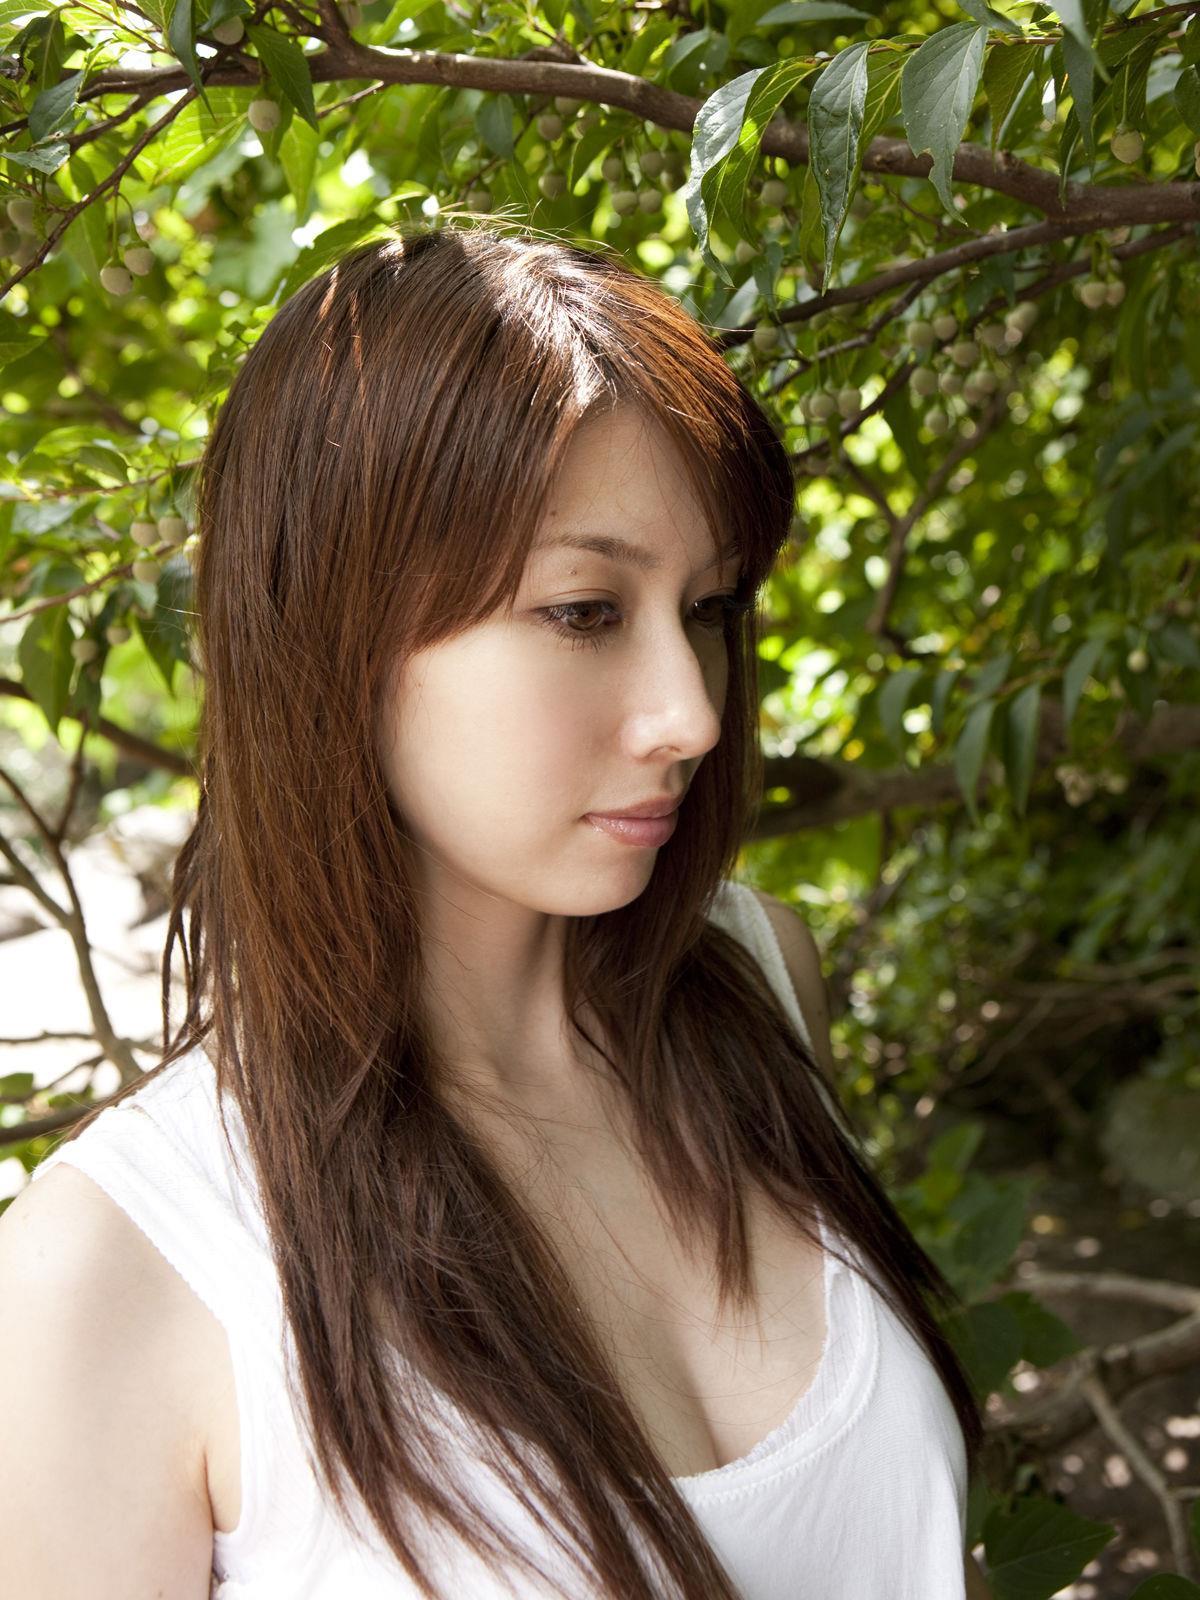 小林恵美 セミヌード画像 53